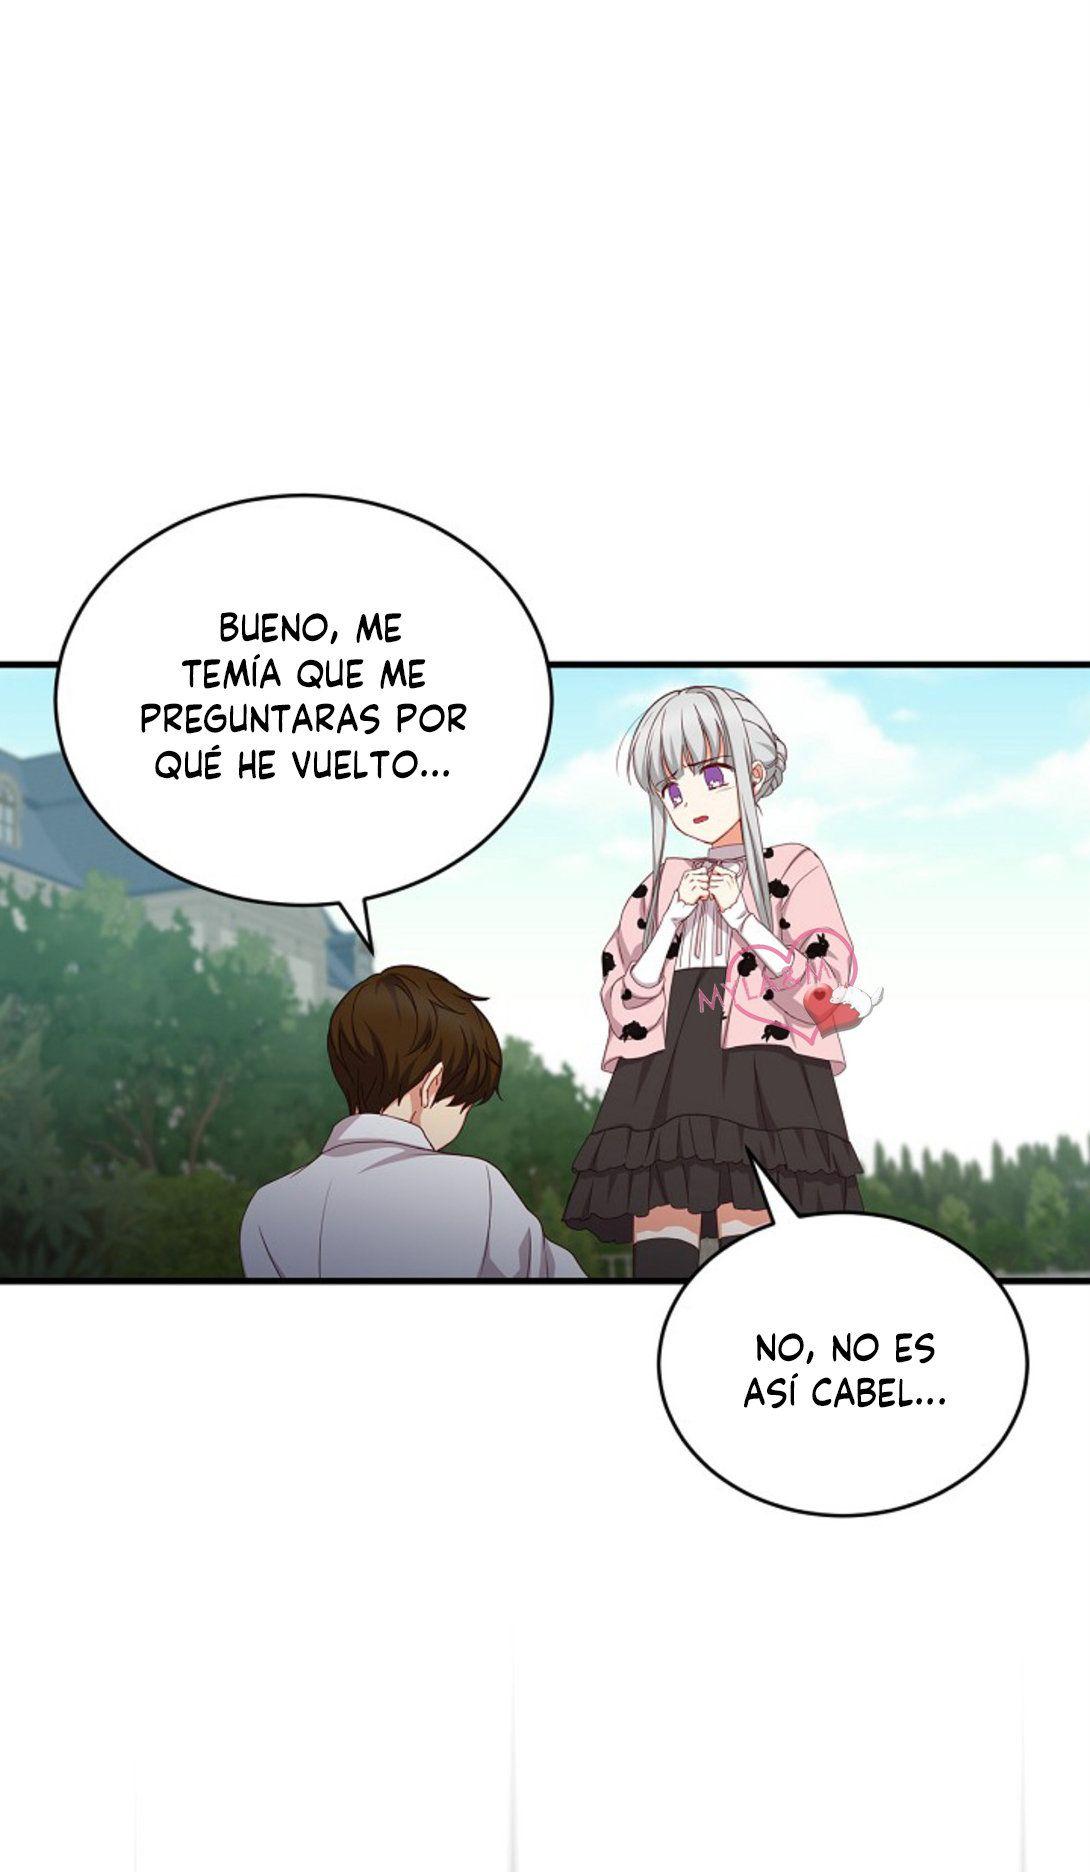 Cuidado Con Esos Hermanos Capítulo 30 00 My Love Anime Manga Followmanga Manhwa Manga Manhwa Manga